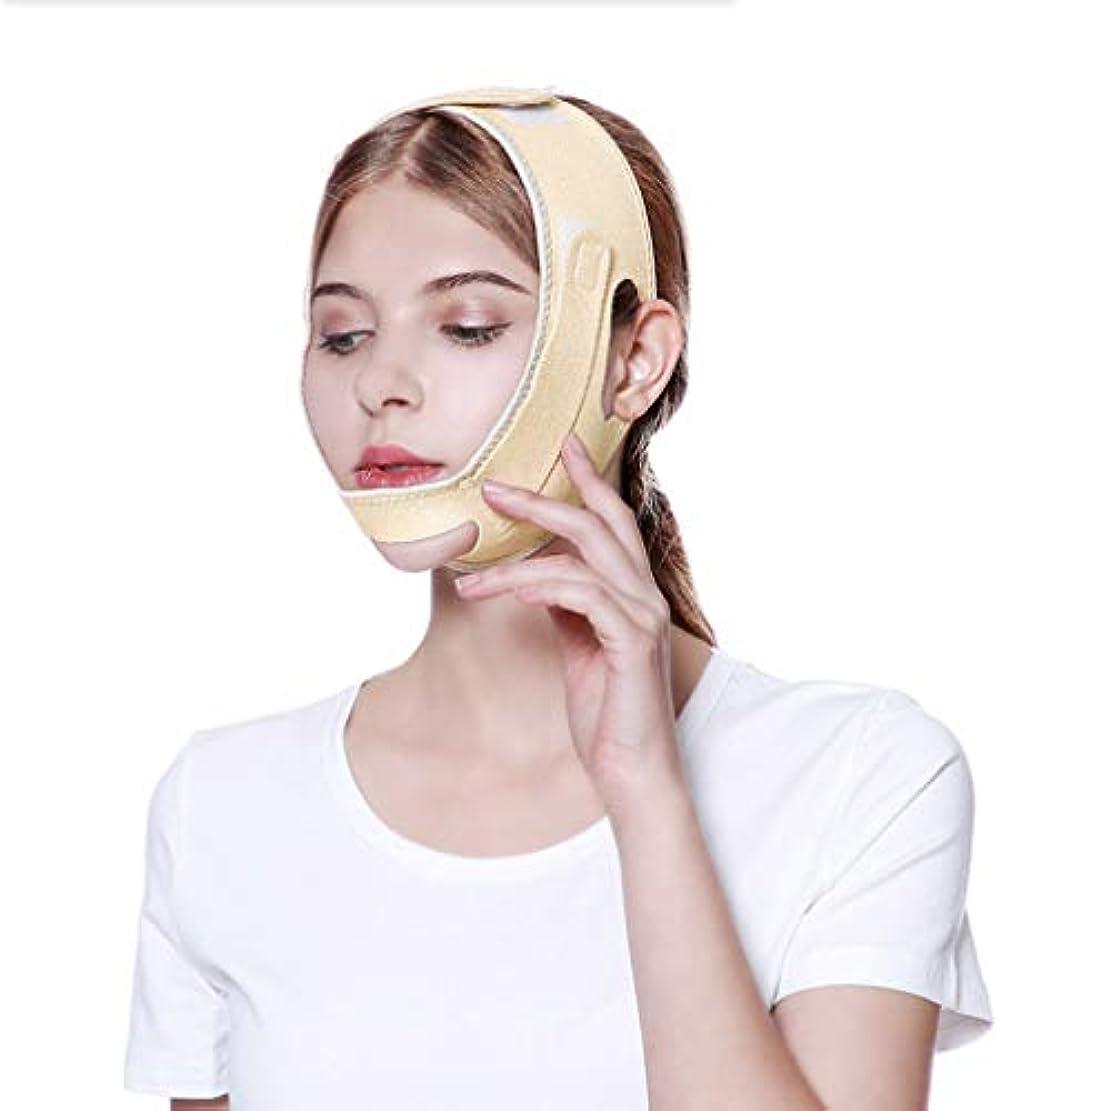 ジム権限ひいきにする顔面重量損失顔包帯 v 顔楽器顔ツールマスクライン彫刻手術回復ヘッドギアダブルあご